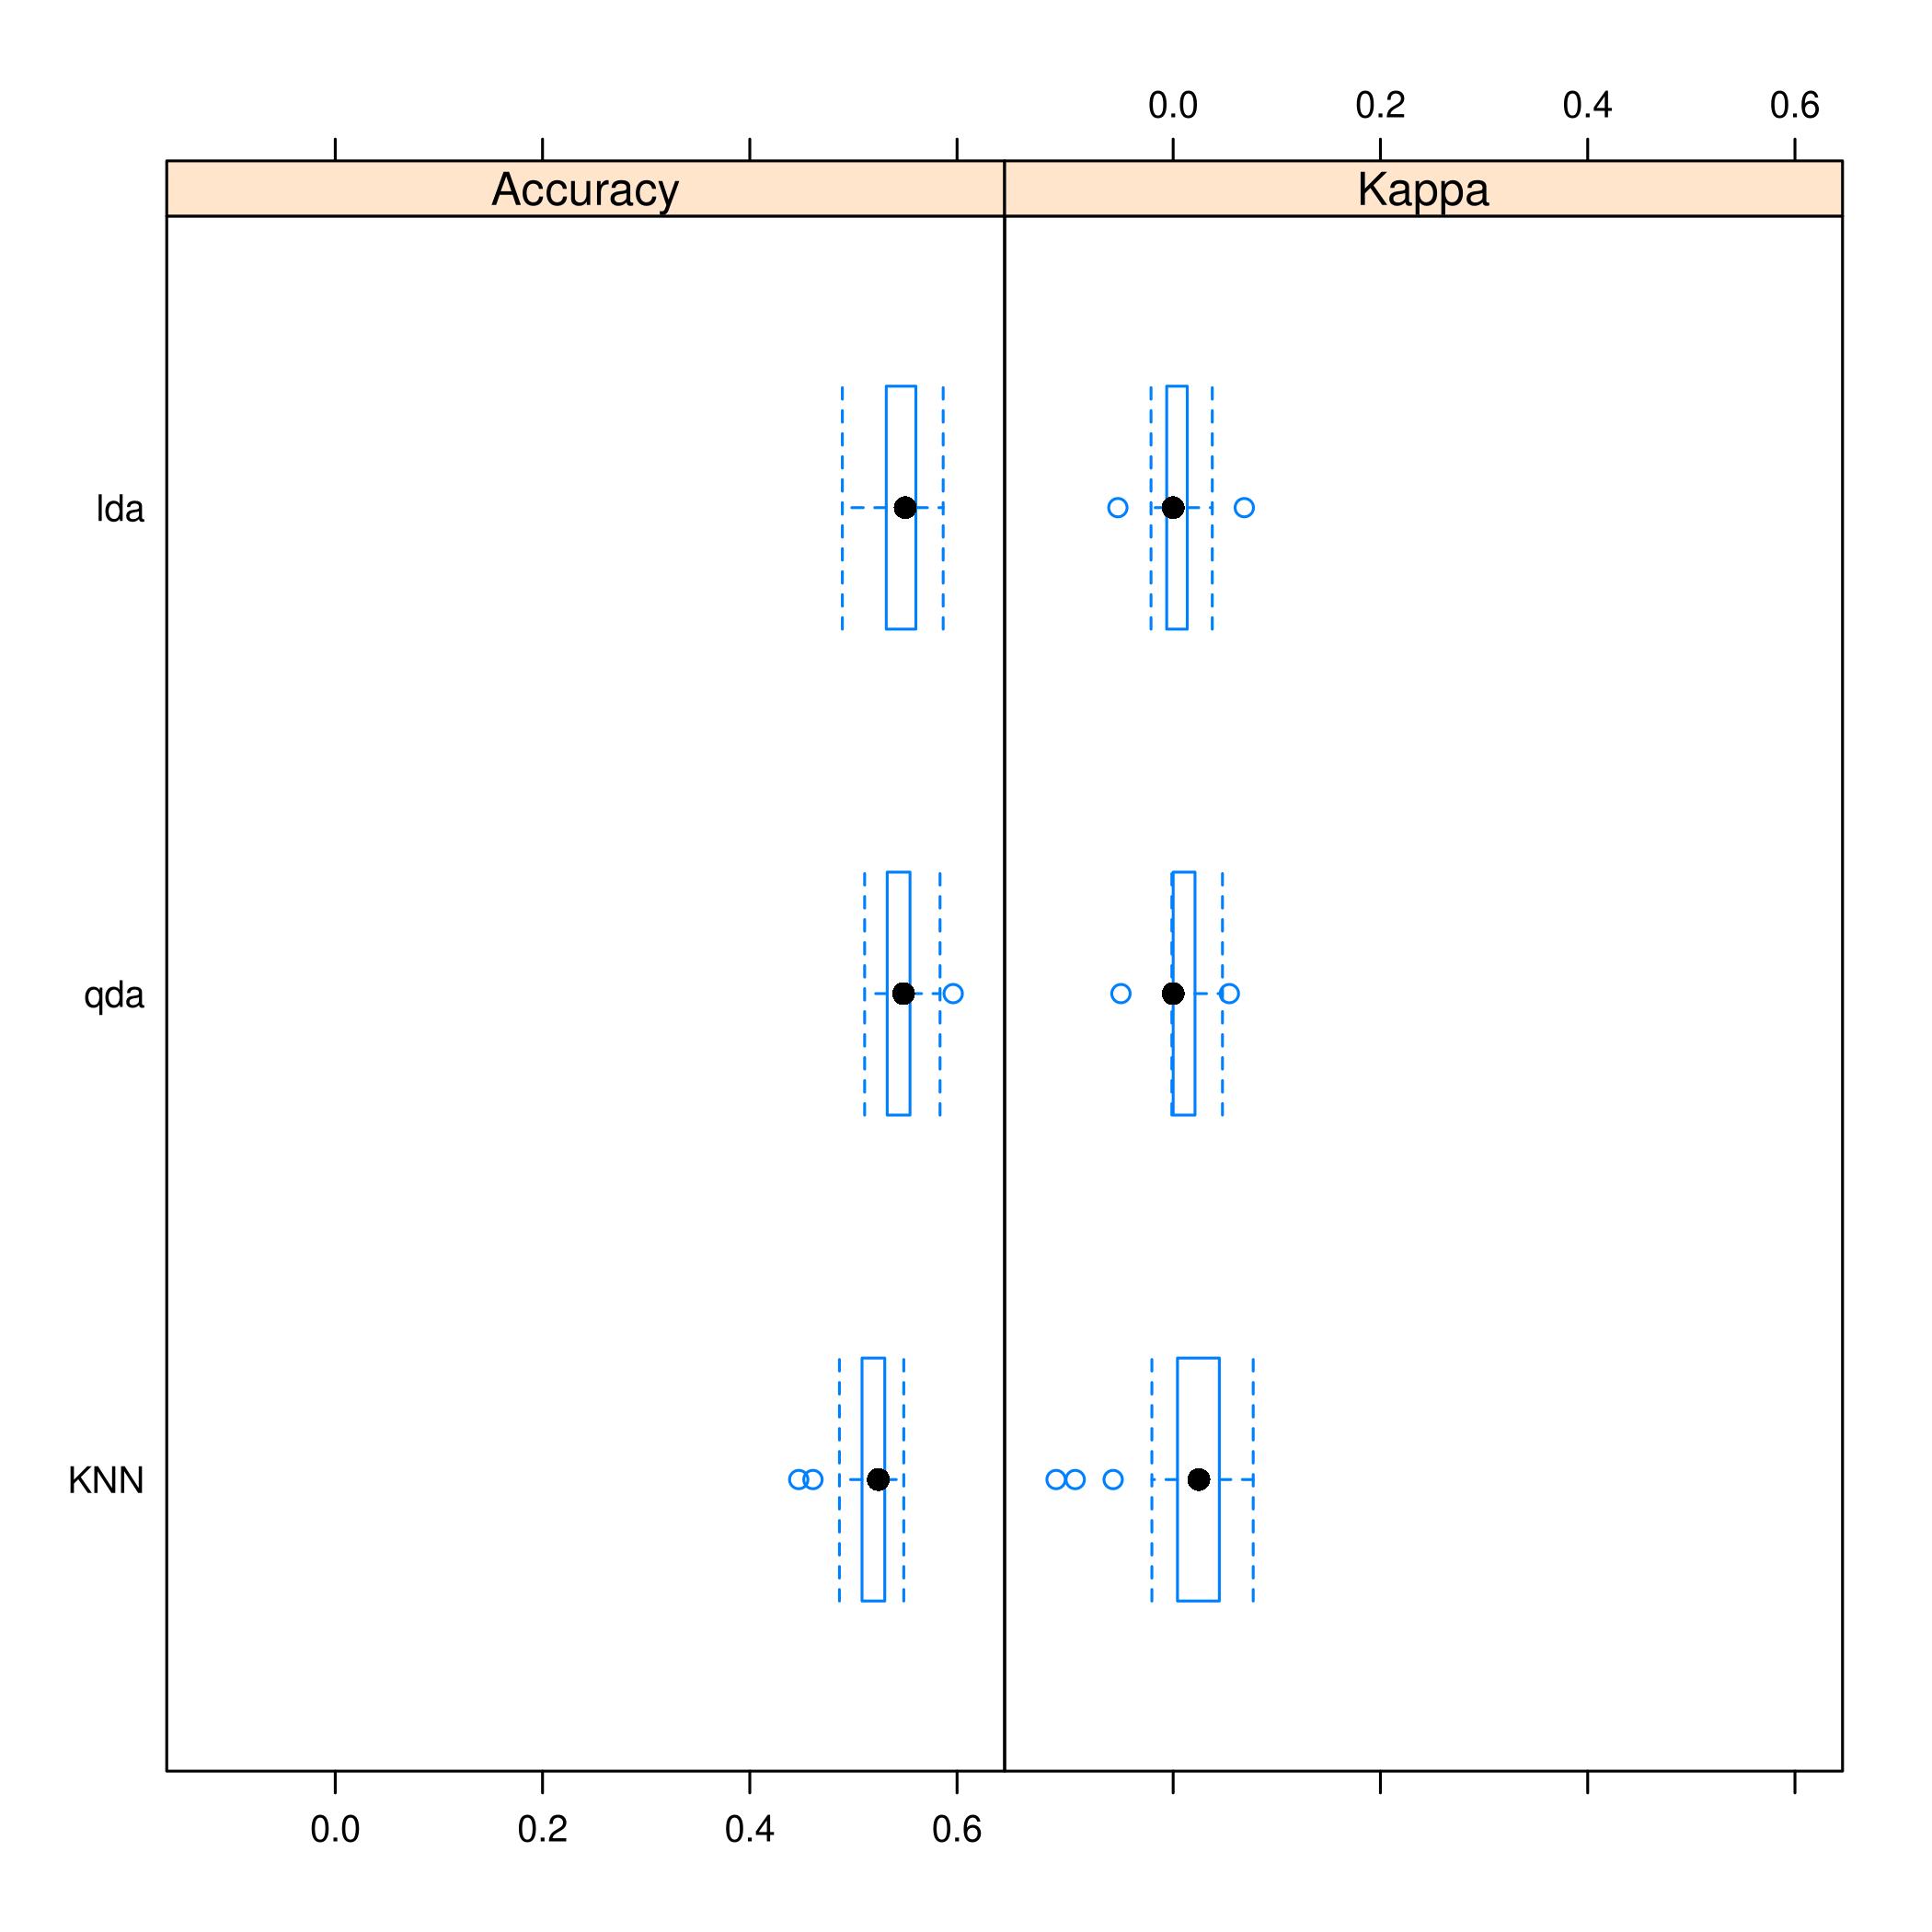 Figure 9: Caret plots for comparison